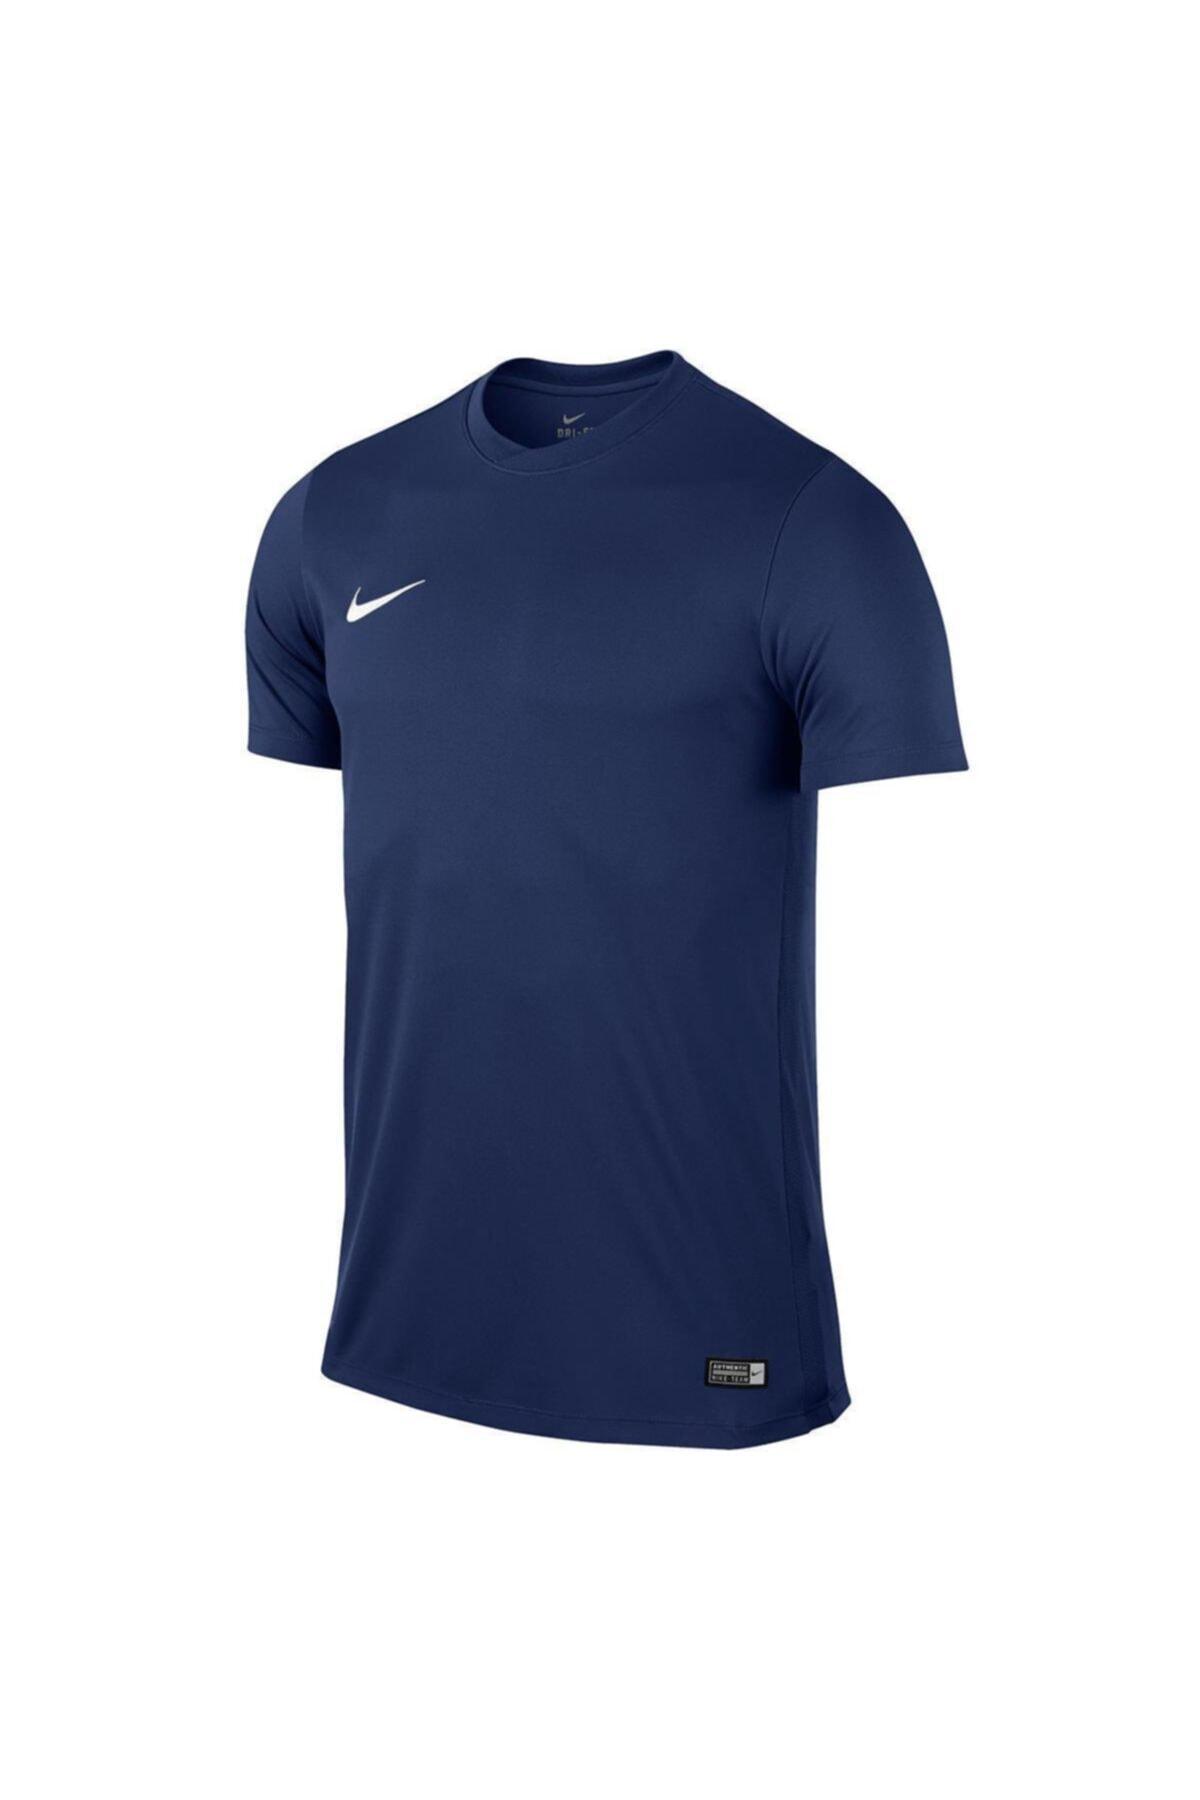 Nike Ss Park Vı Jsy 725891-410 Kısa Kol Forma 1